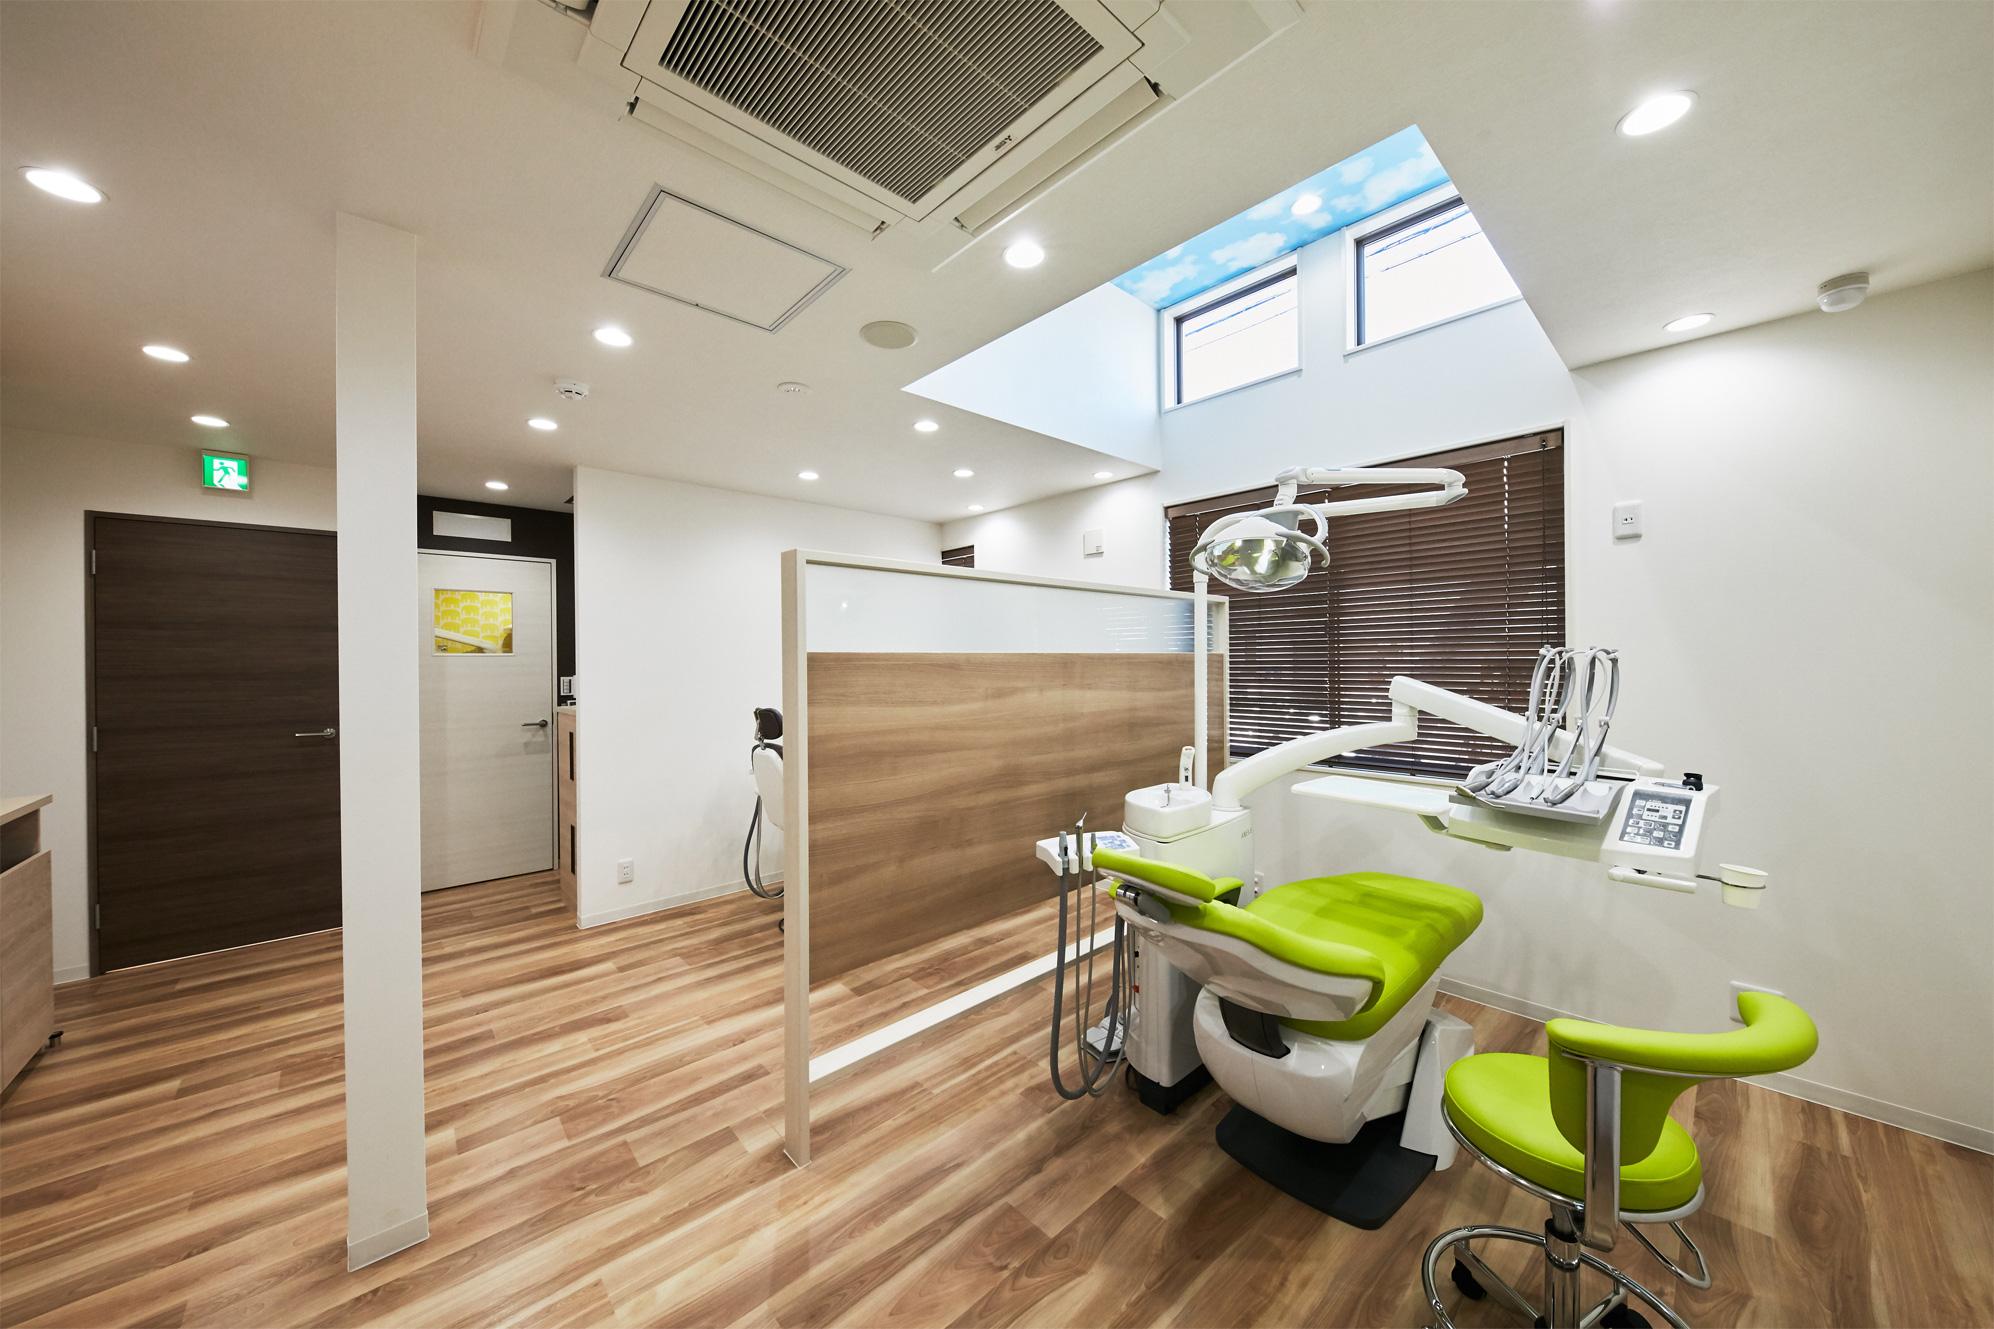 開放感のあるユニット千葉県市川市大和田2-13-24ペア歯科医院市川診療所